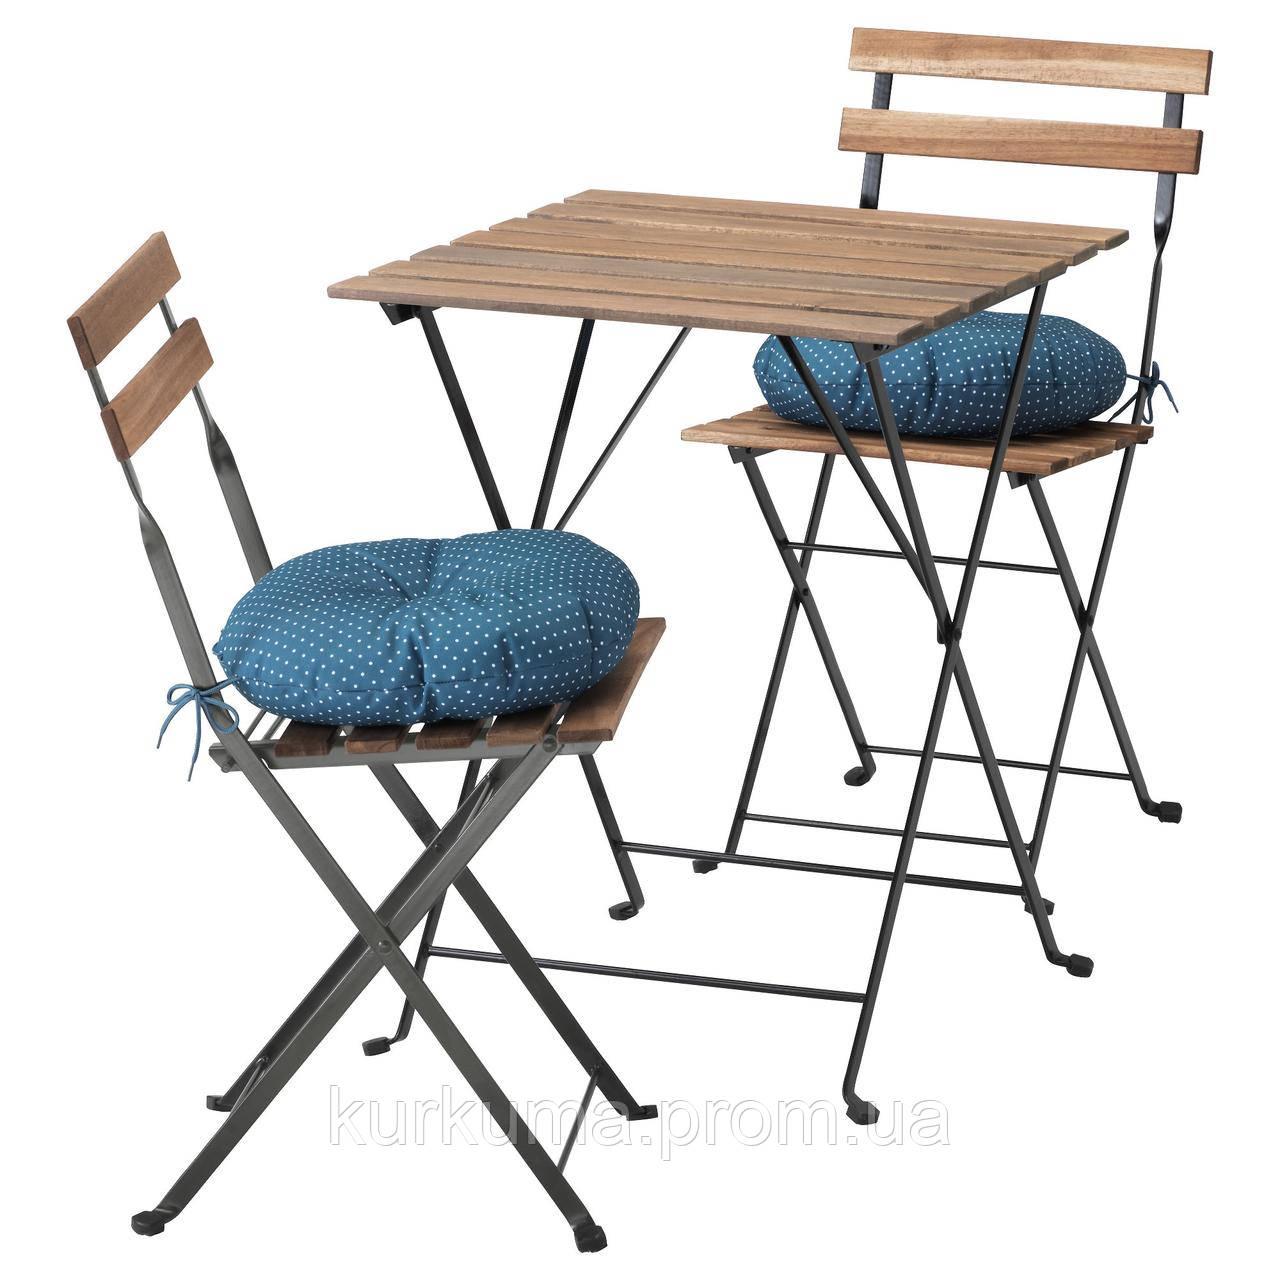 IKEA TARNO Садовый стол и 2 раскладных стула, черно-коричневая морилка, иттерон синий  (391.835.55)